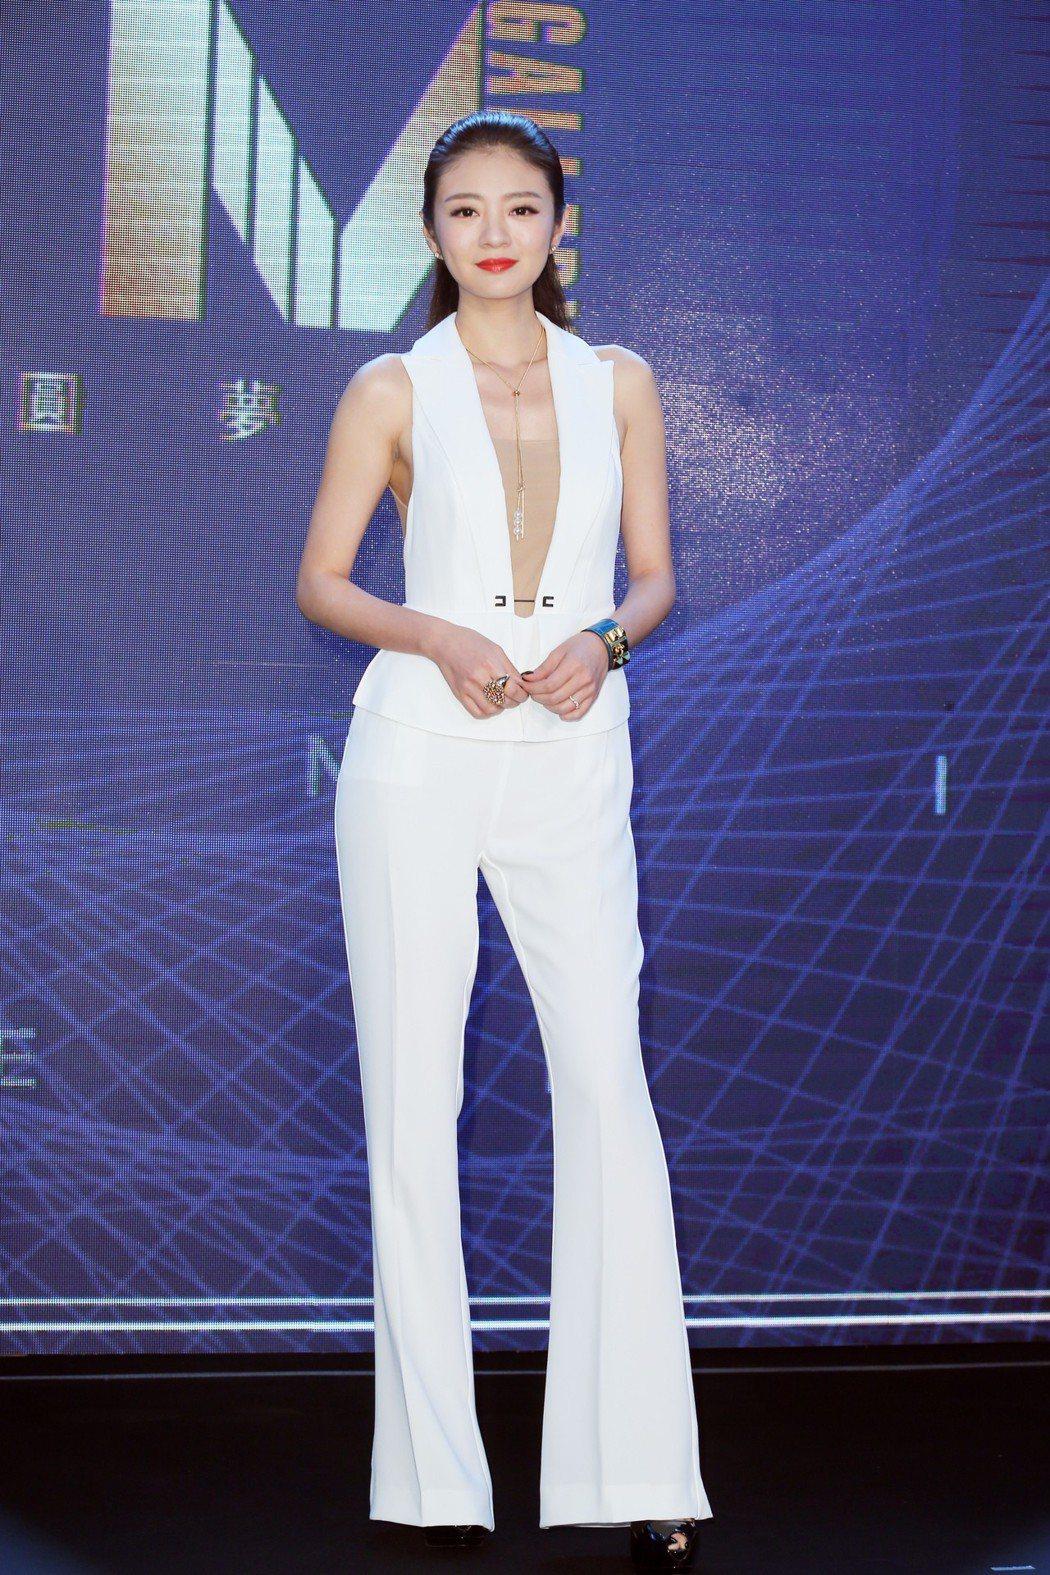 安以軒身穿一襲白色褲裝出席車商開幕活動。記者徐兆玄/攝影